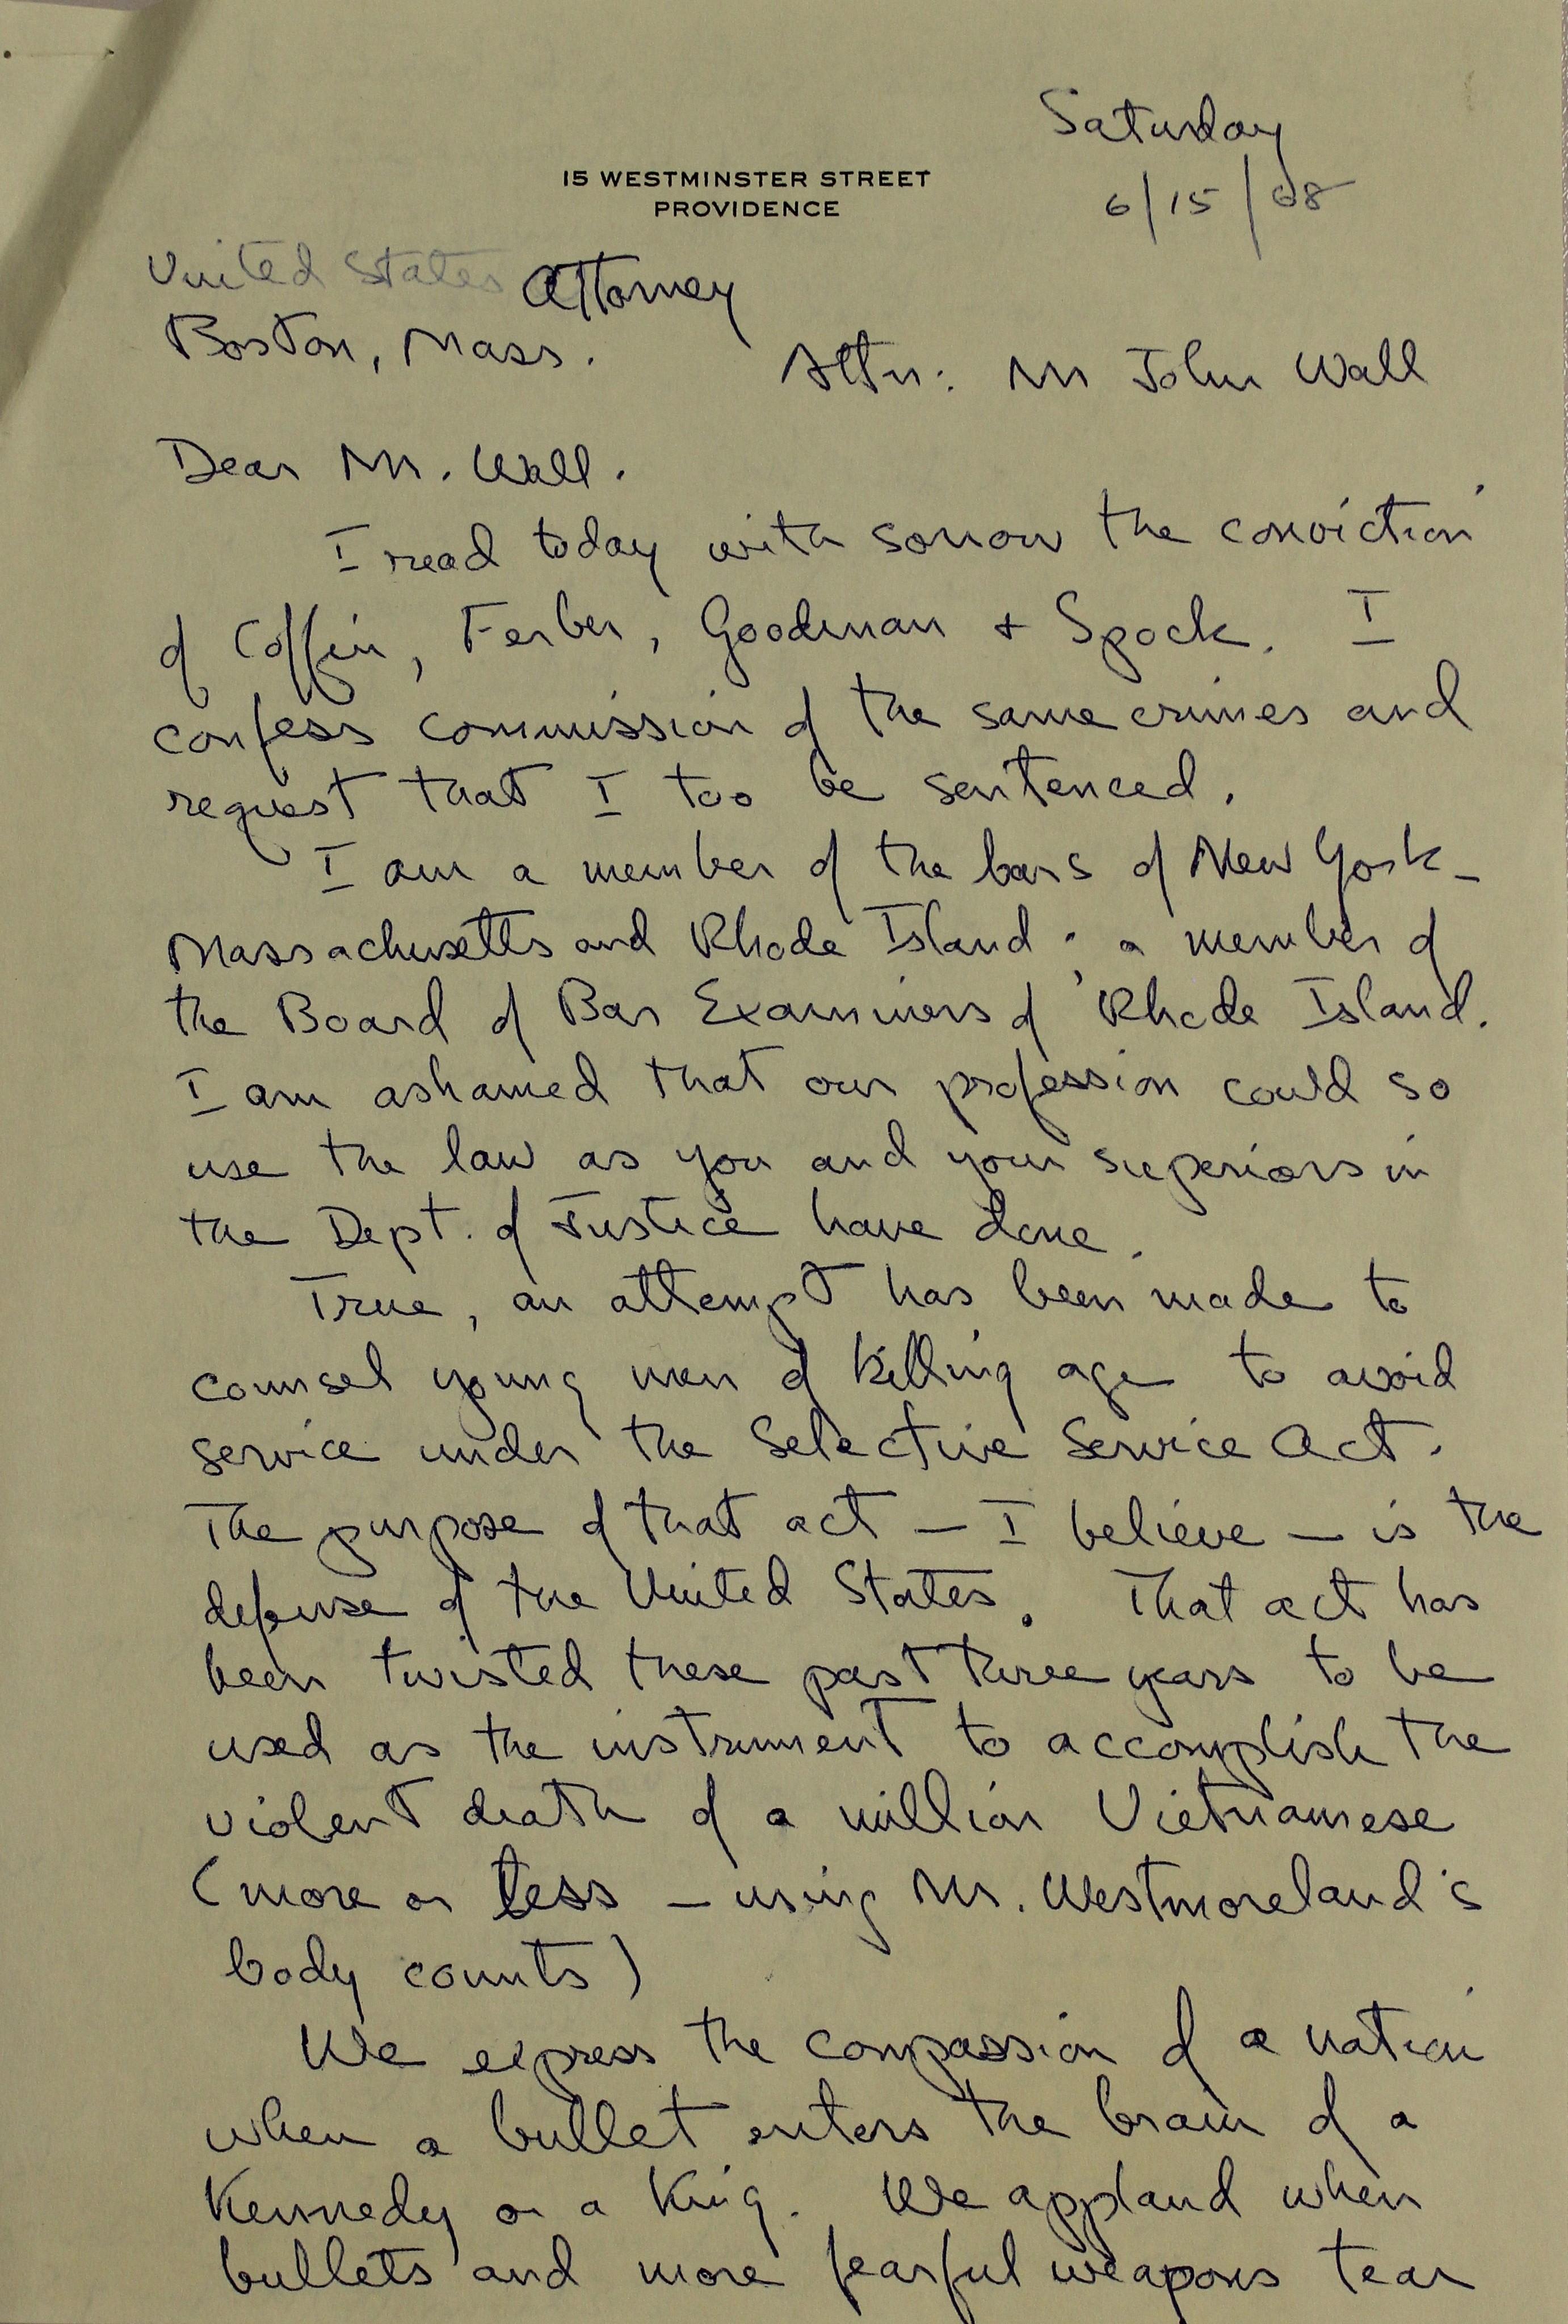 Hastings_letter-01